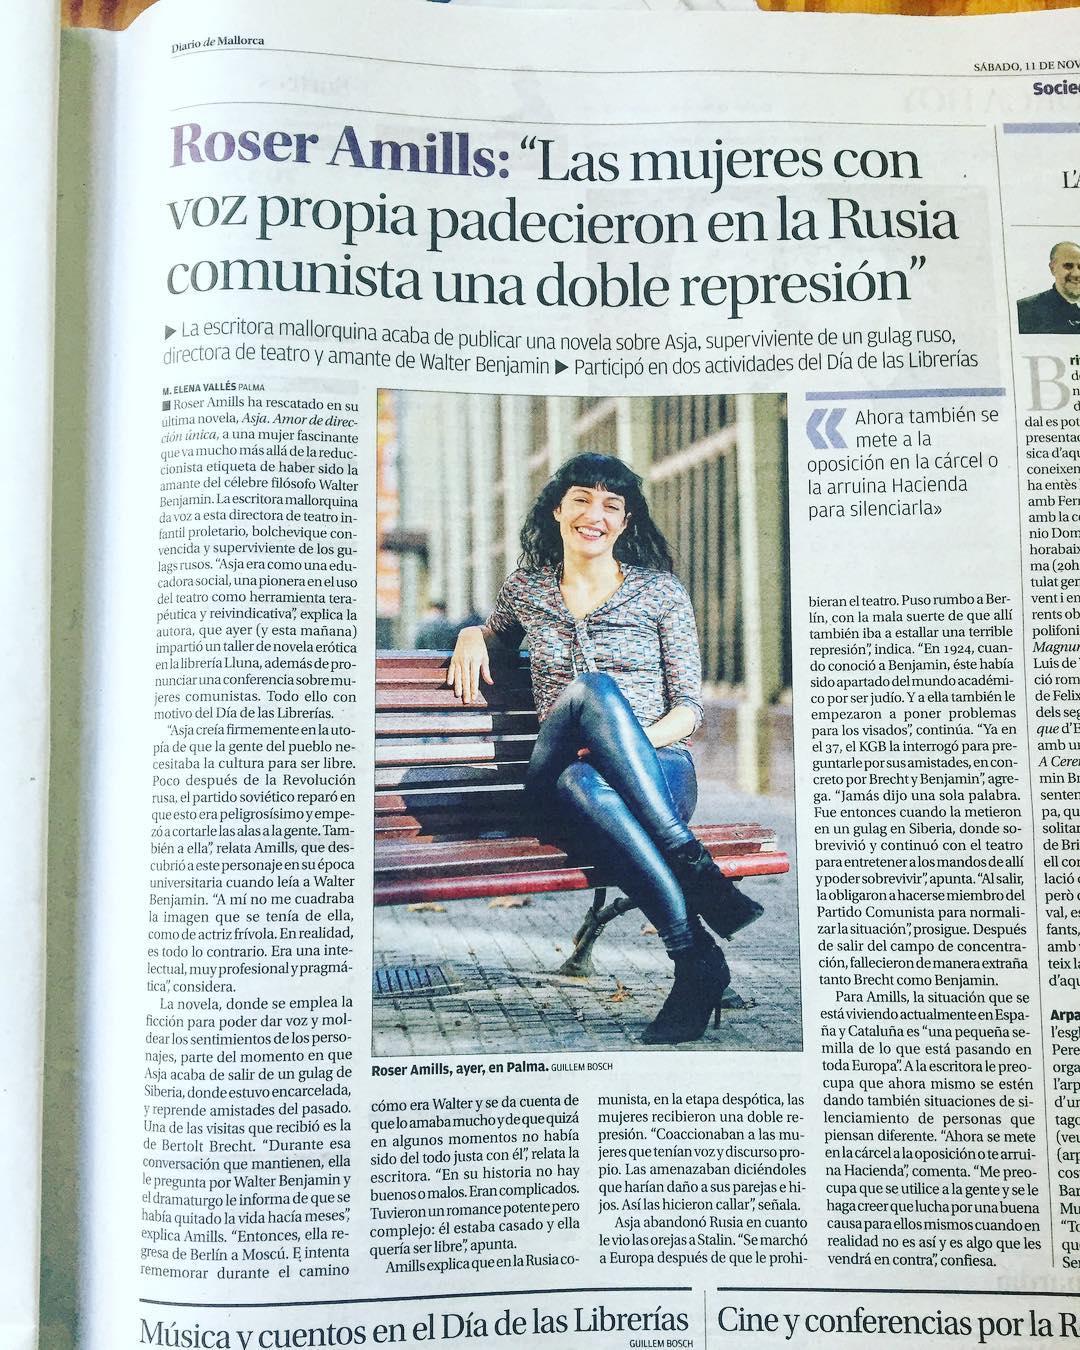 entrevista a roser amills @elena_valles ? Feliz sábado con @diariodemallorca y #asjalacis [y qué cómoda mi blusa de @snobiliaire #ropaparagentequelee ;)) ]